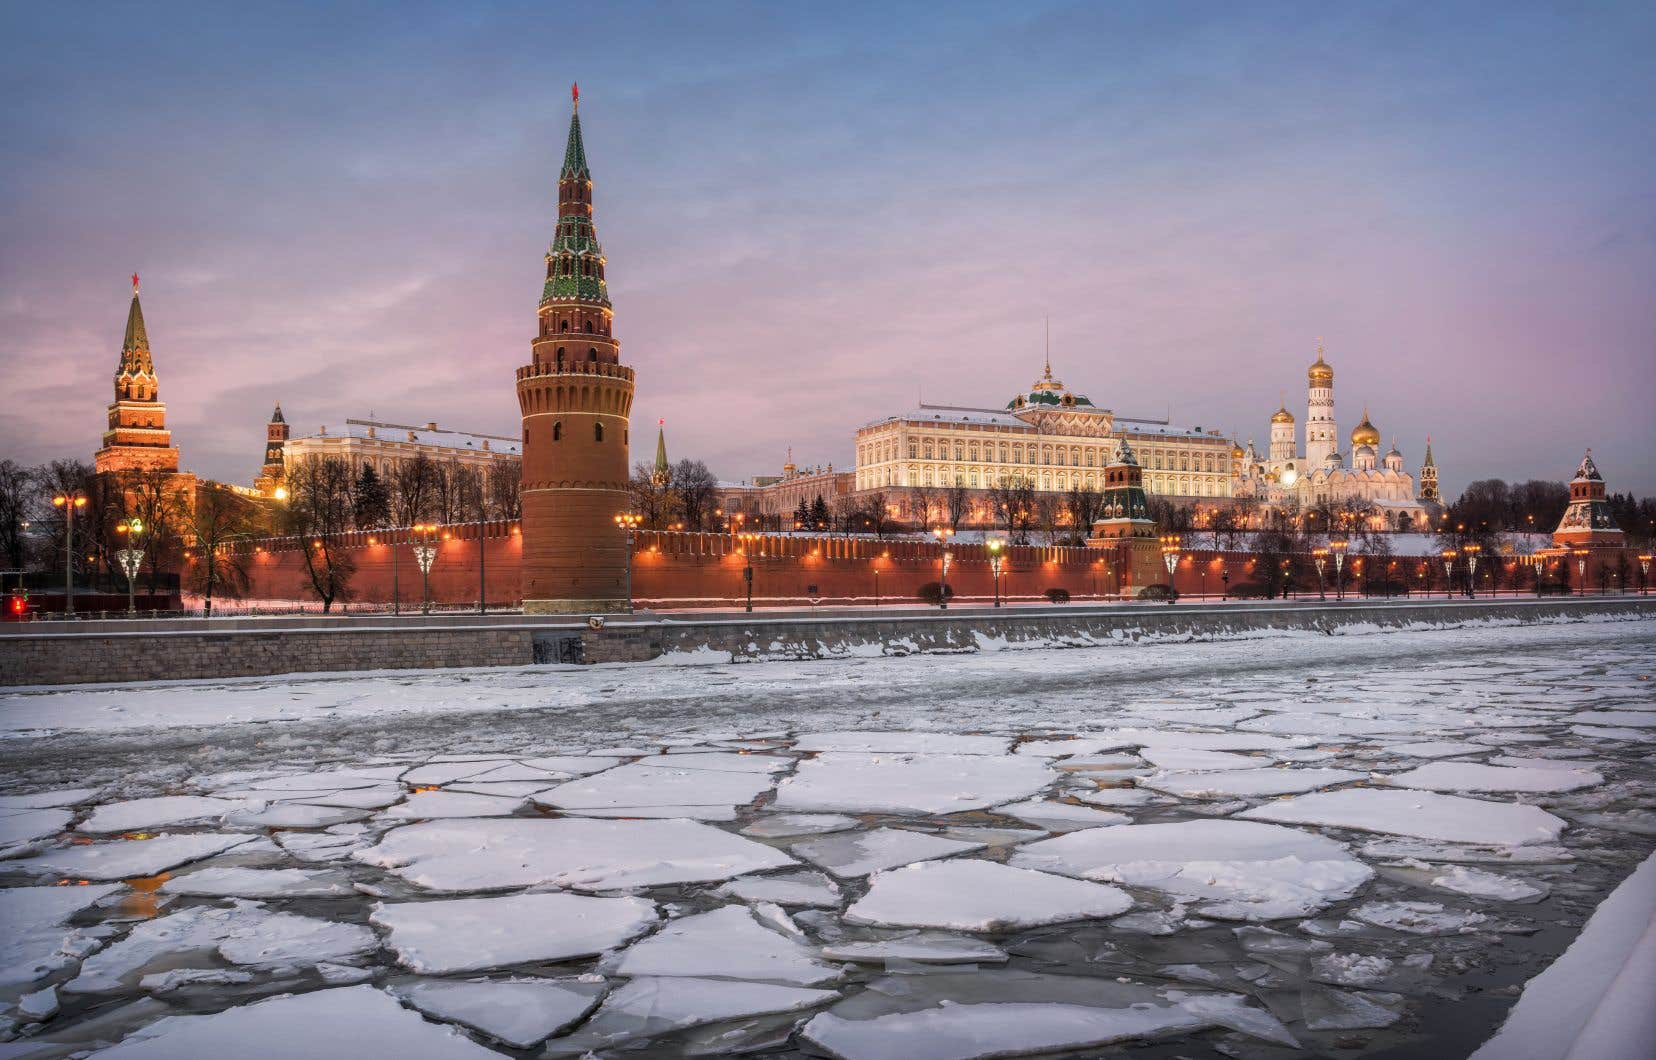 La Russie clame son innocence dans l'empoisonnement au gaz innervant de l'ancien espion russe Sergueï Skripal et de sa fille, le 4 mars dernier, à Salisbury au Royaume-Uni.